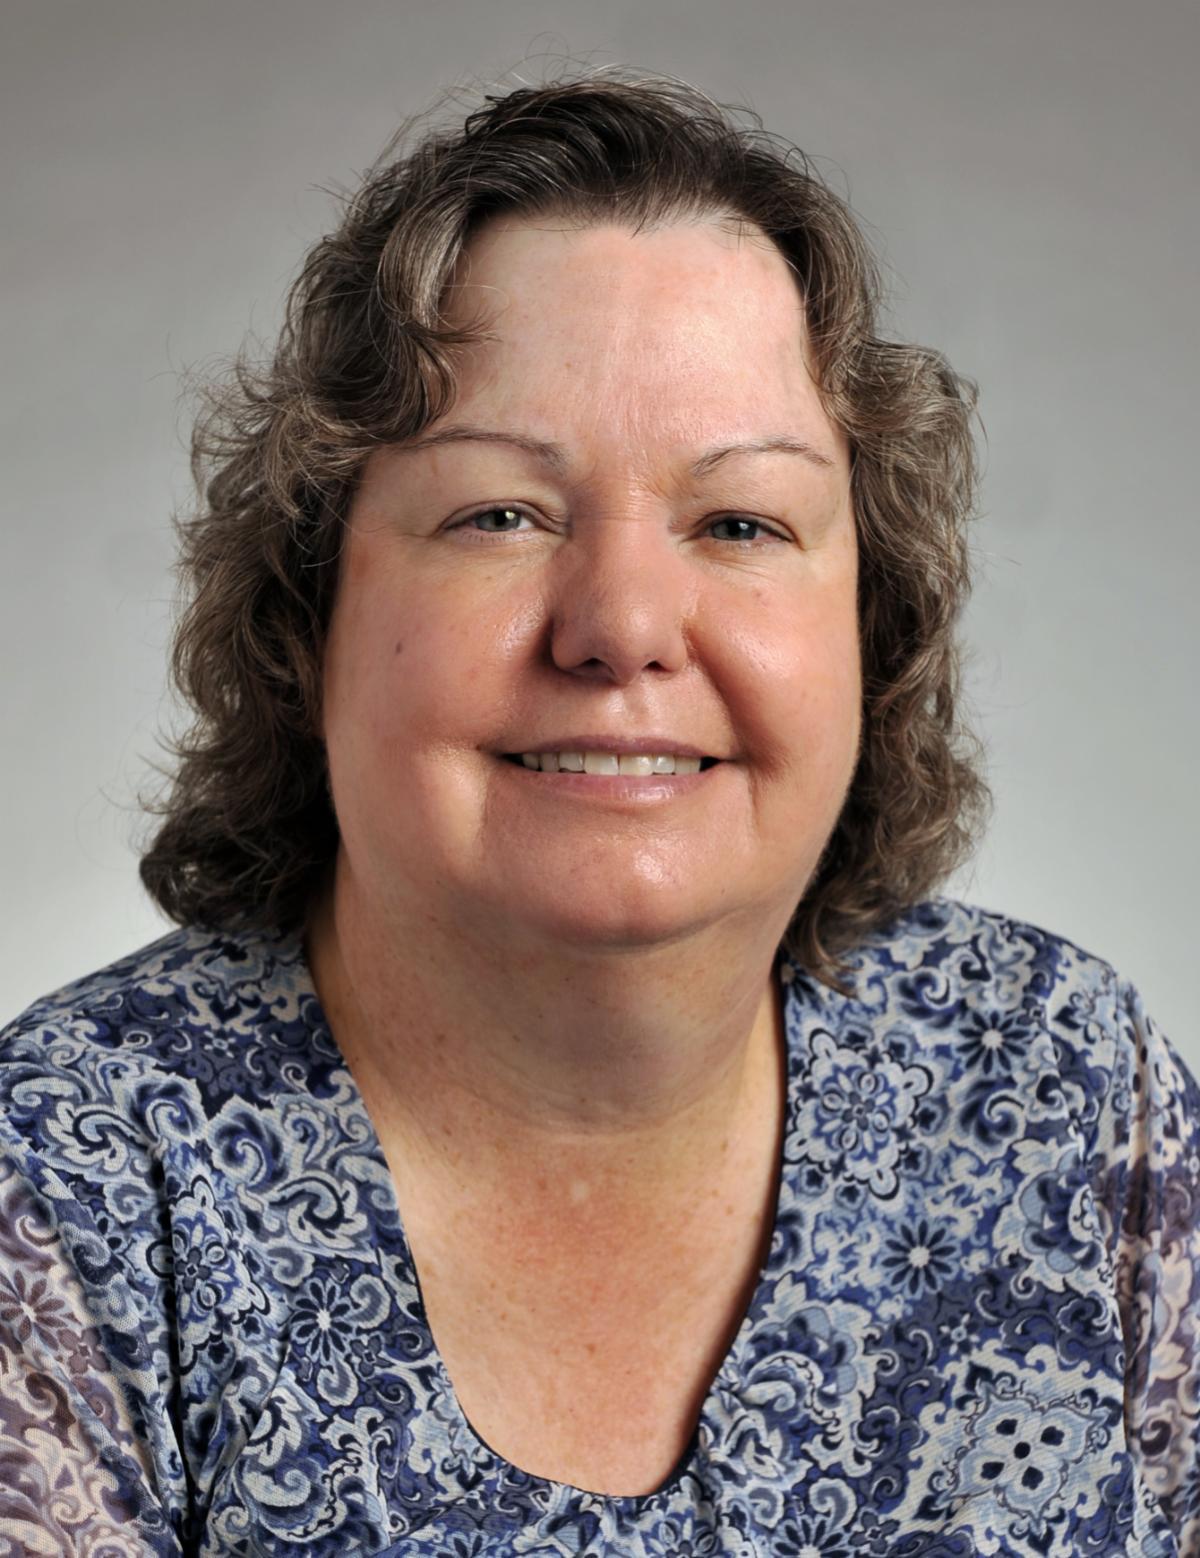 Carol Souchock